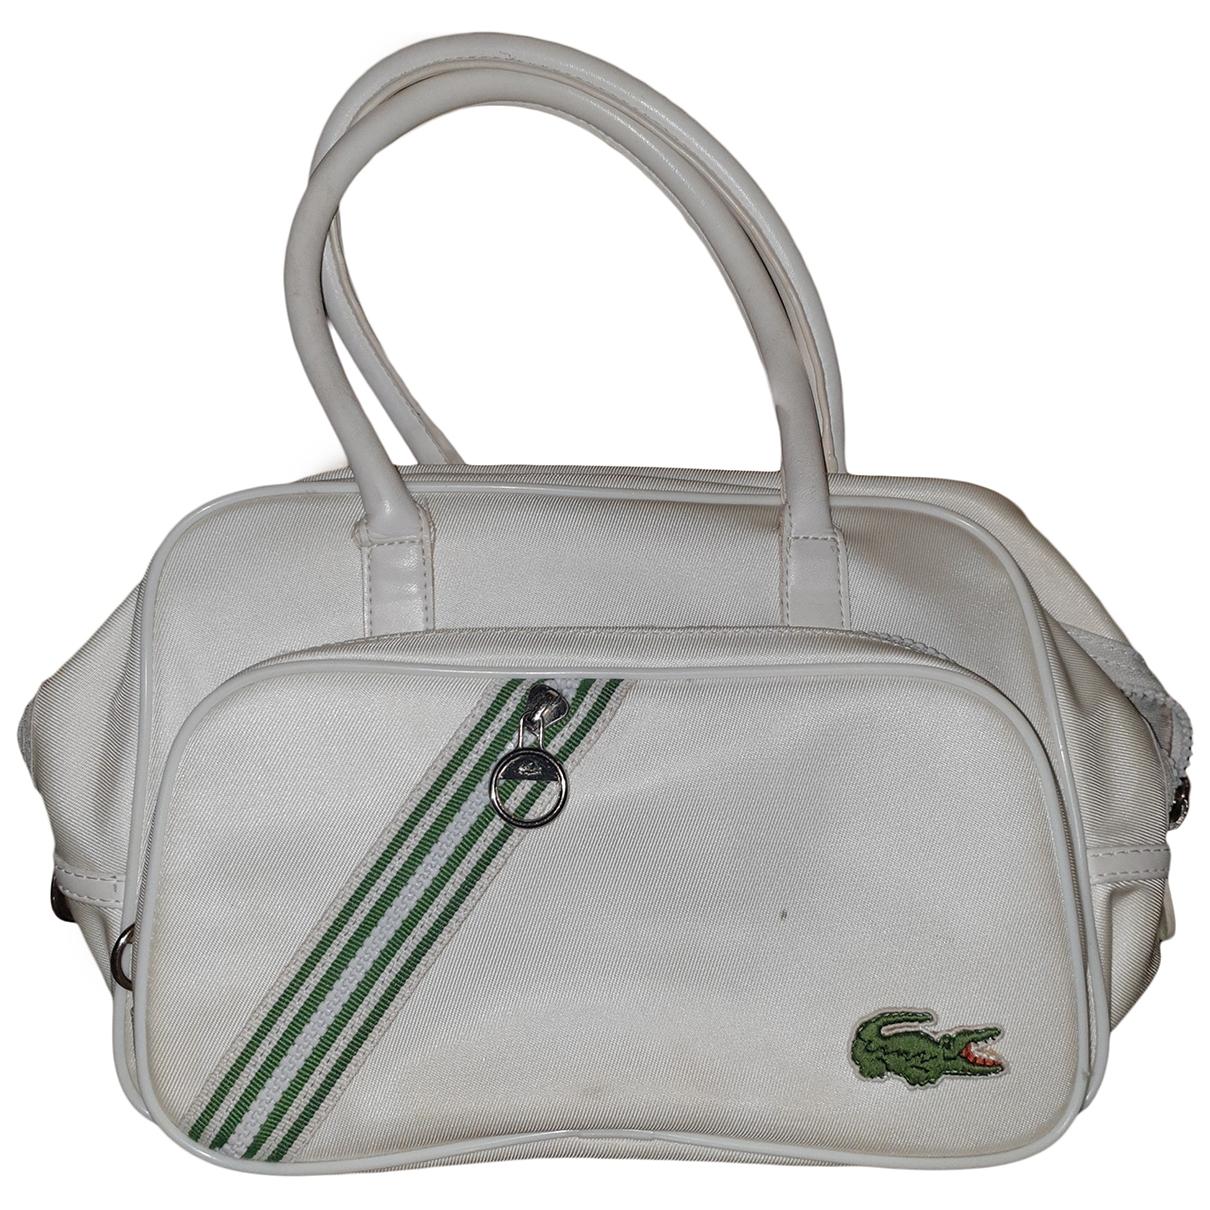 Lacoste \N Handtasche in  Weiss Leinen